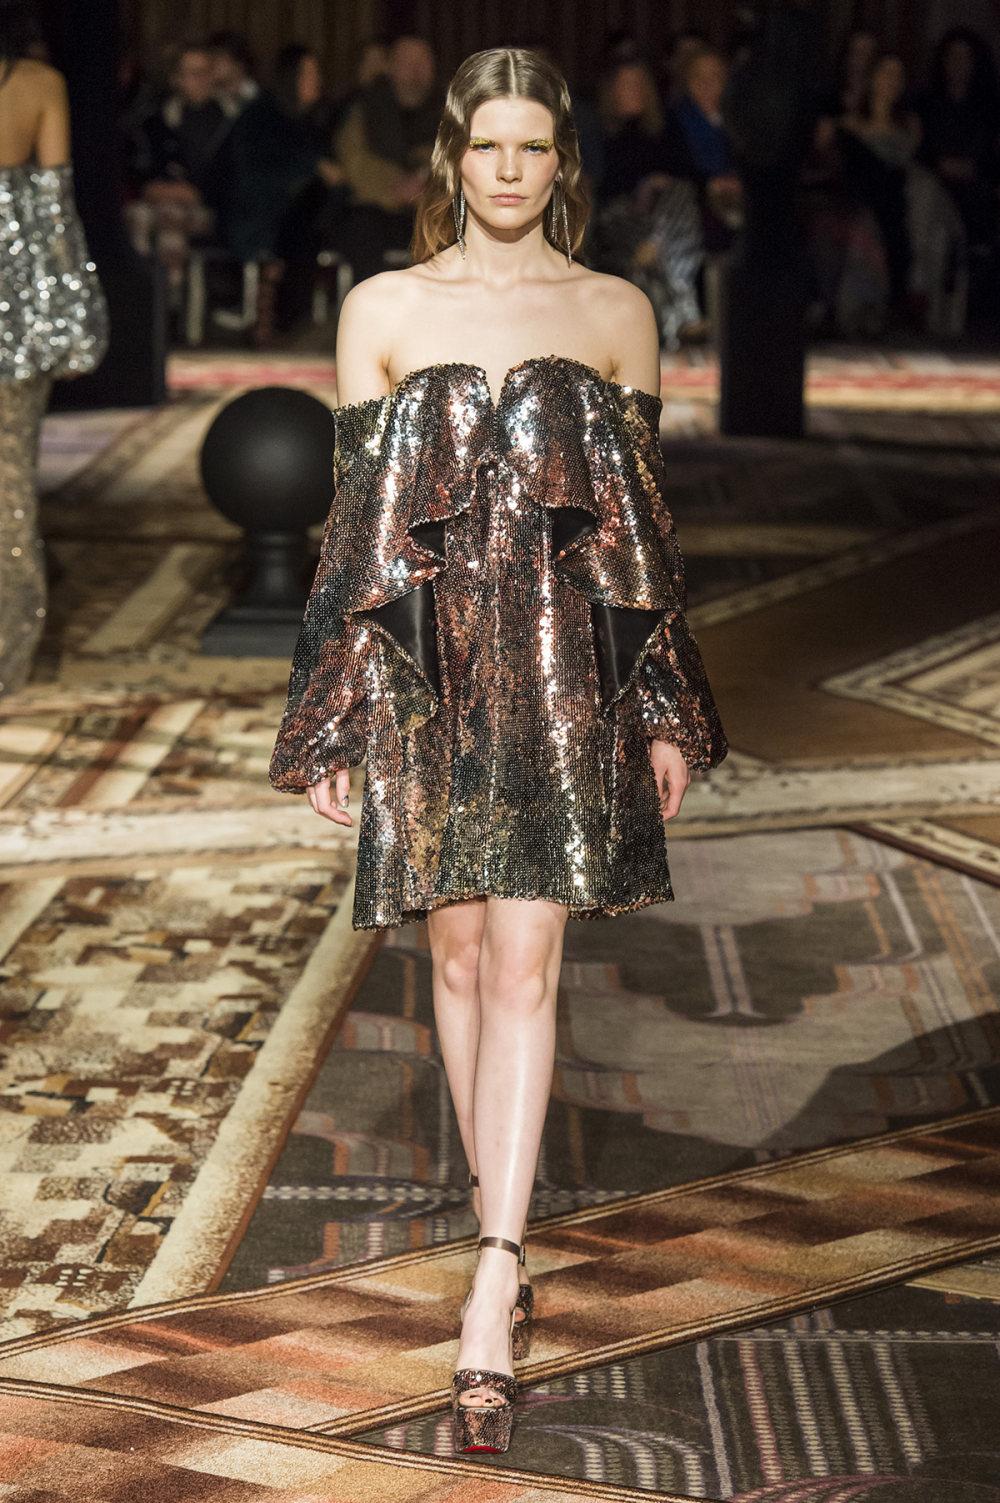 Halpern时装系列将幻想印花应用于宽大的缎面外套展示垂褶技巧-21.jpg